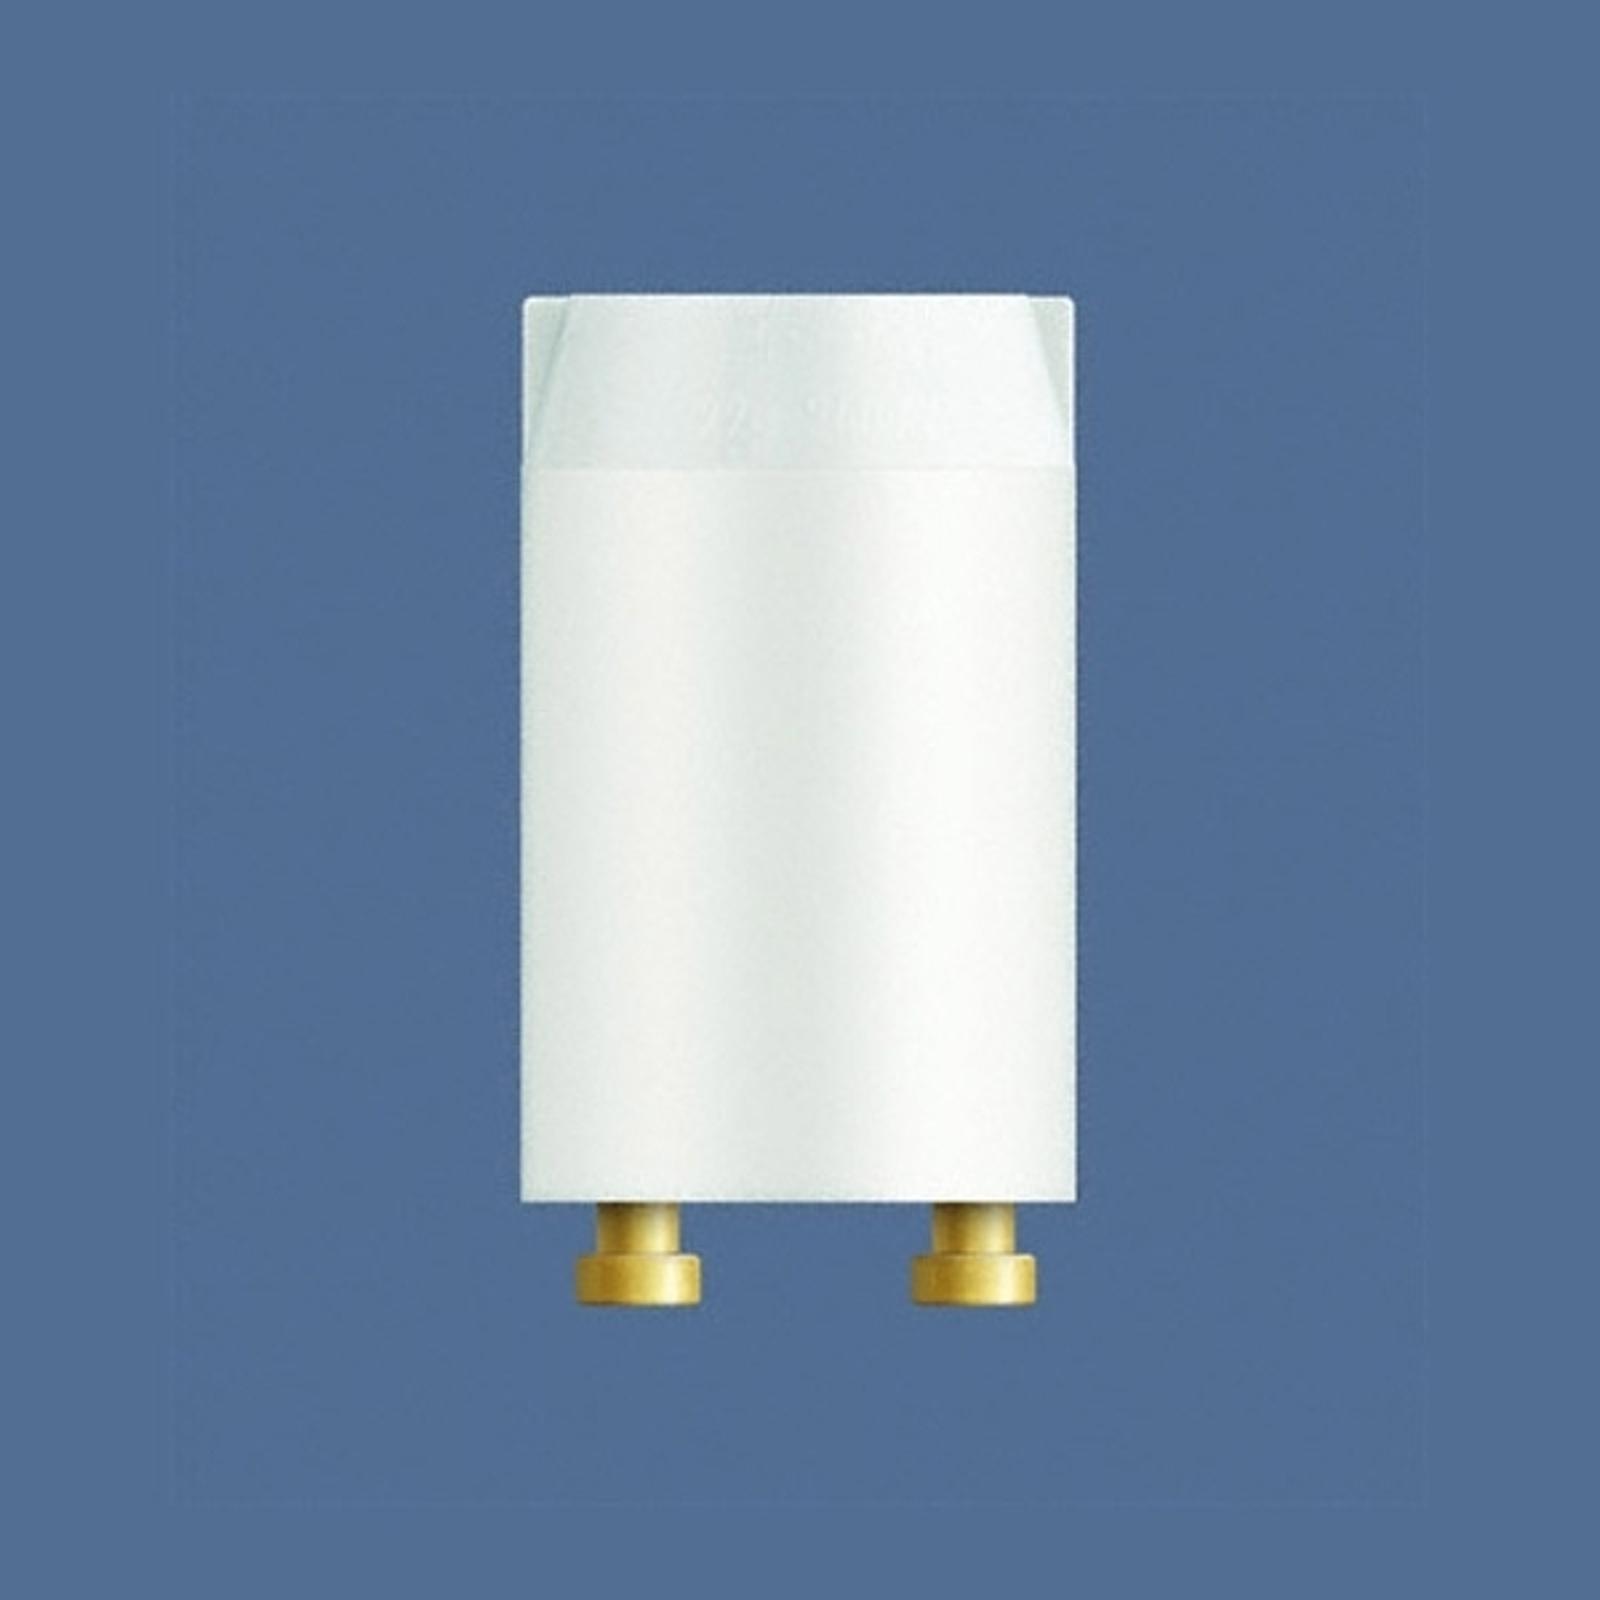 ST151 starter for lysrør 4-22W